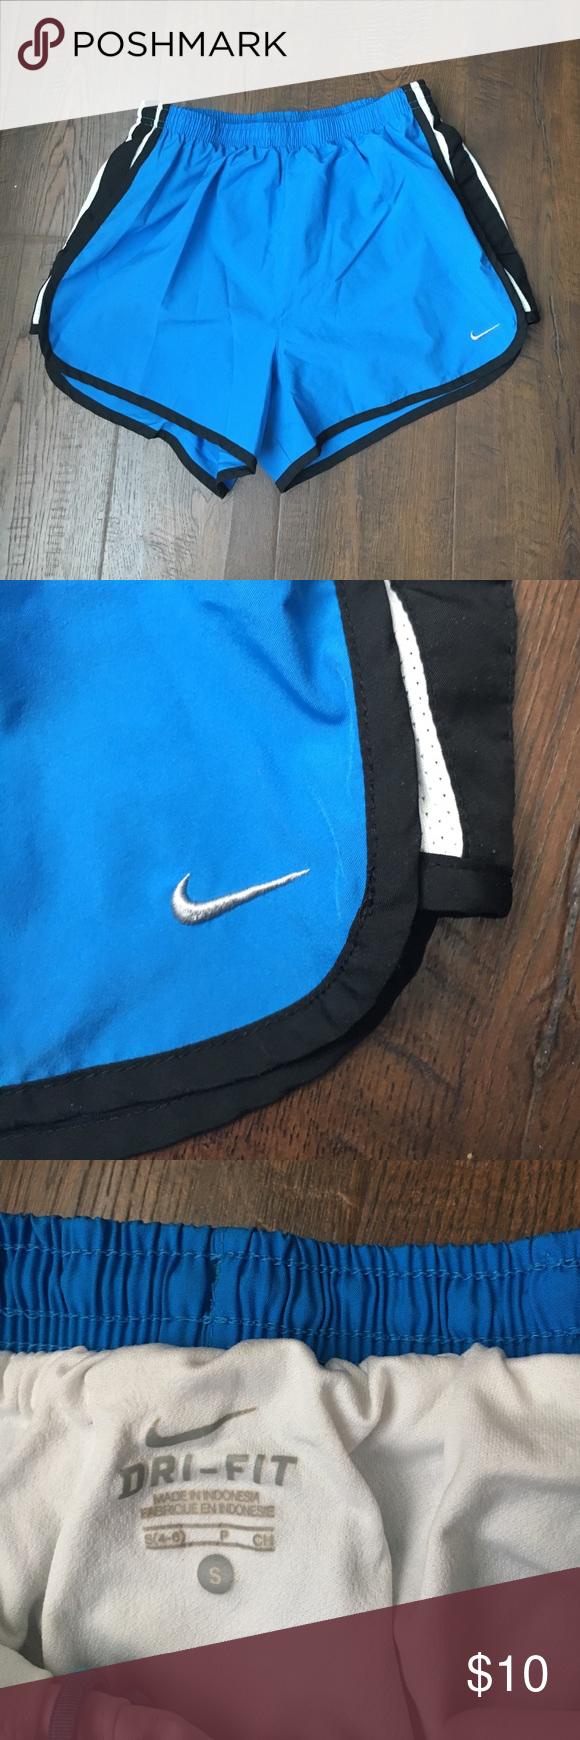 Nike Dri-Fit running shorts Dri-fit running shorts. Great condition. Nike Shorts